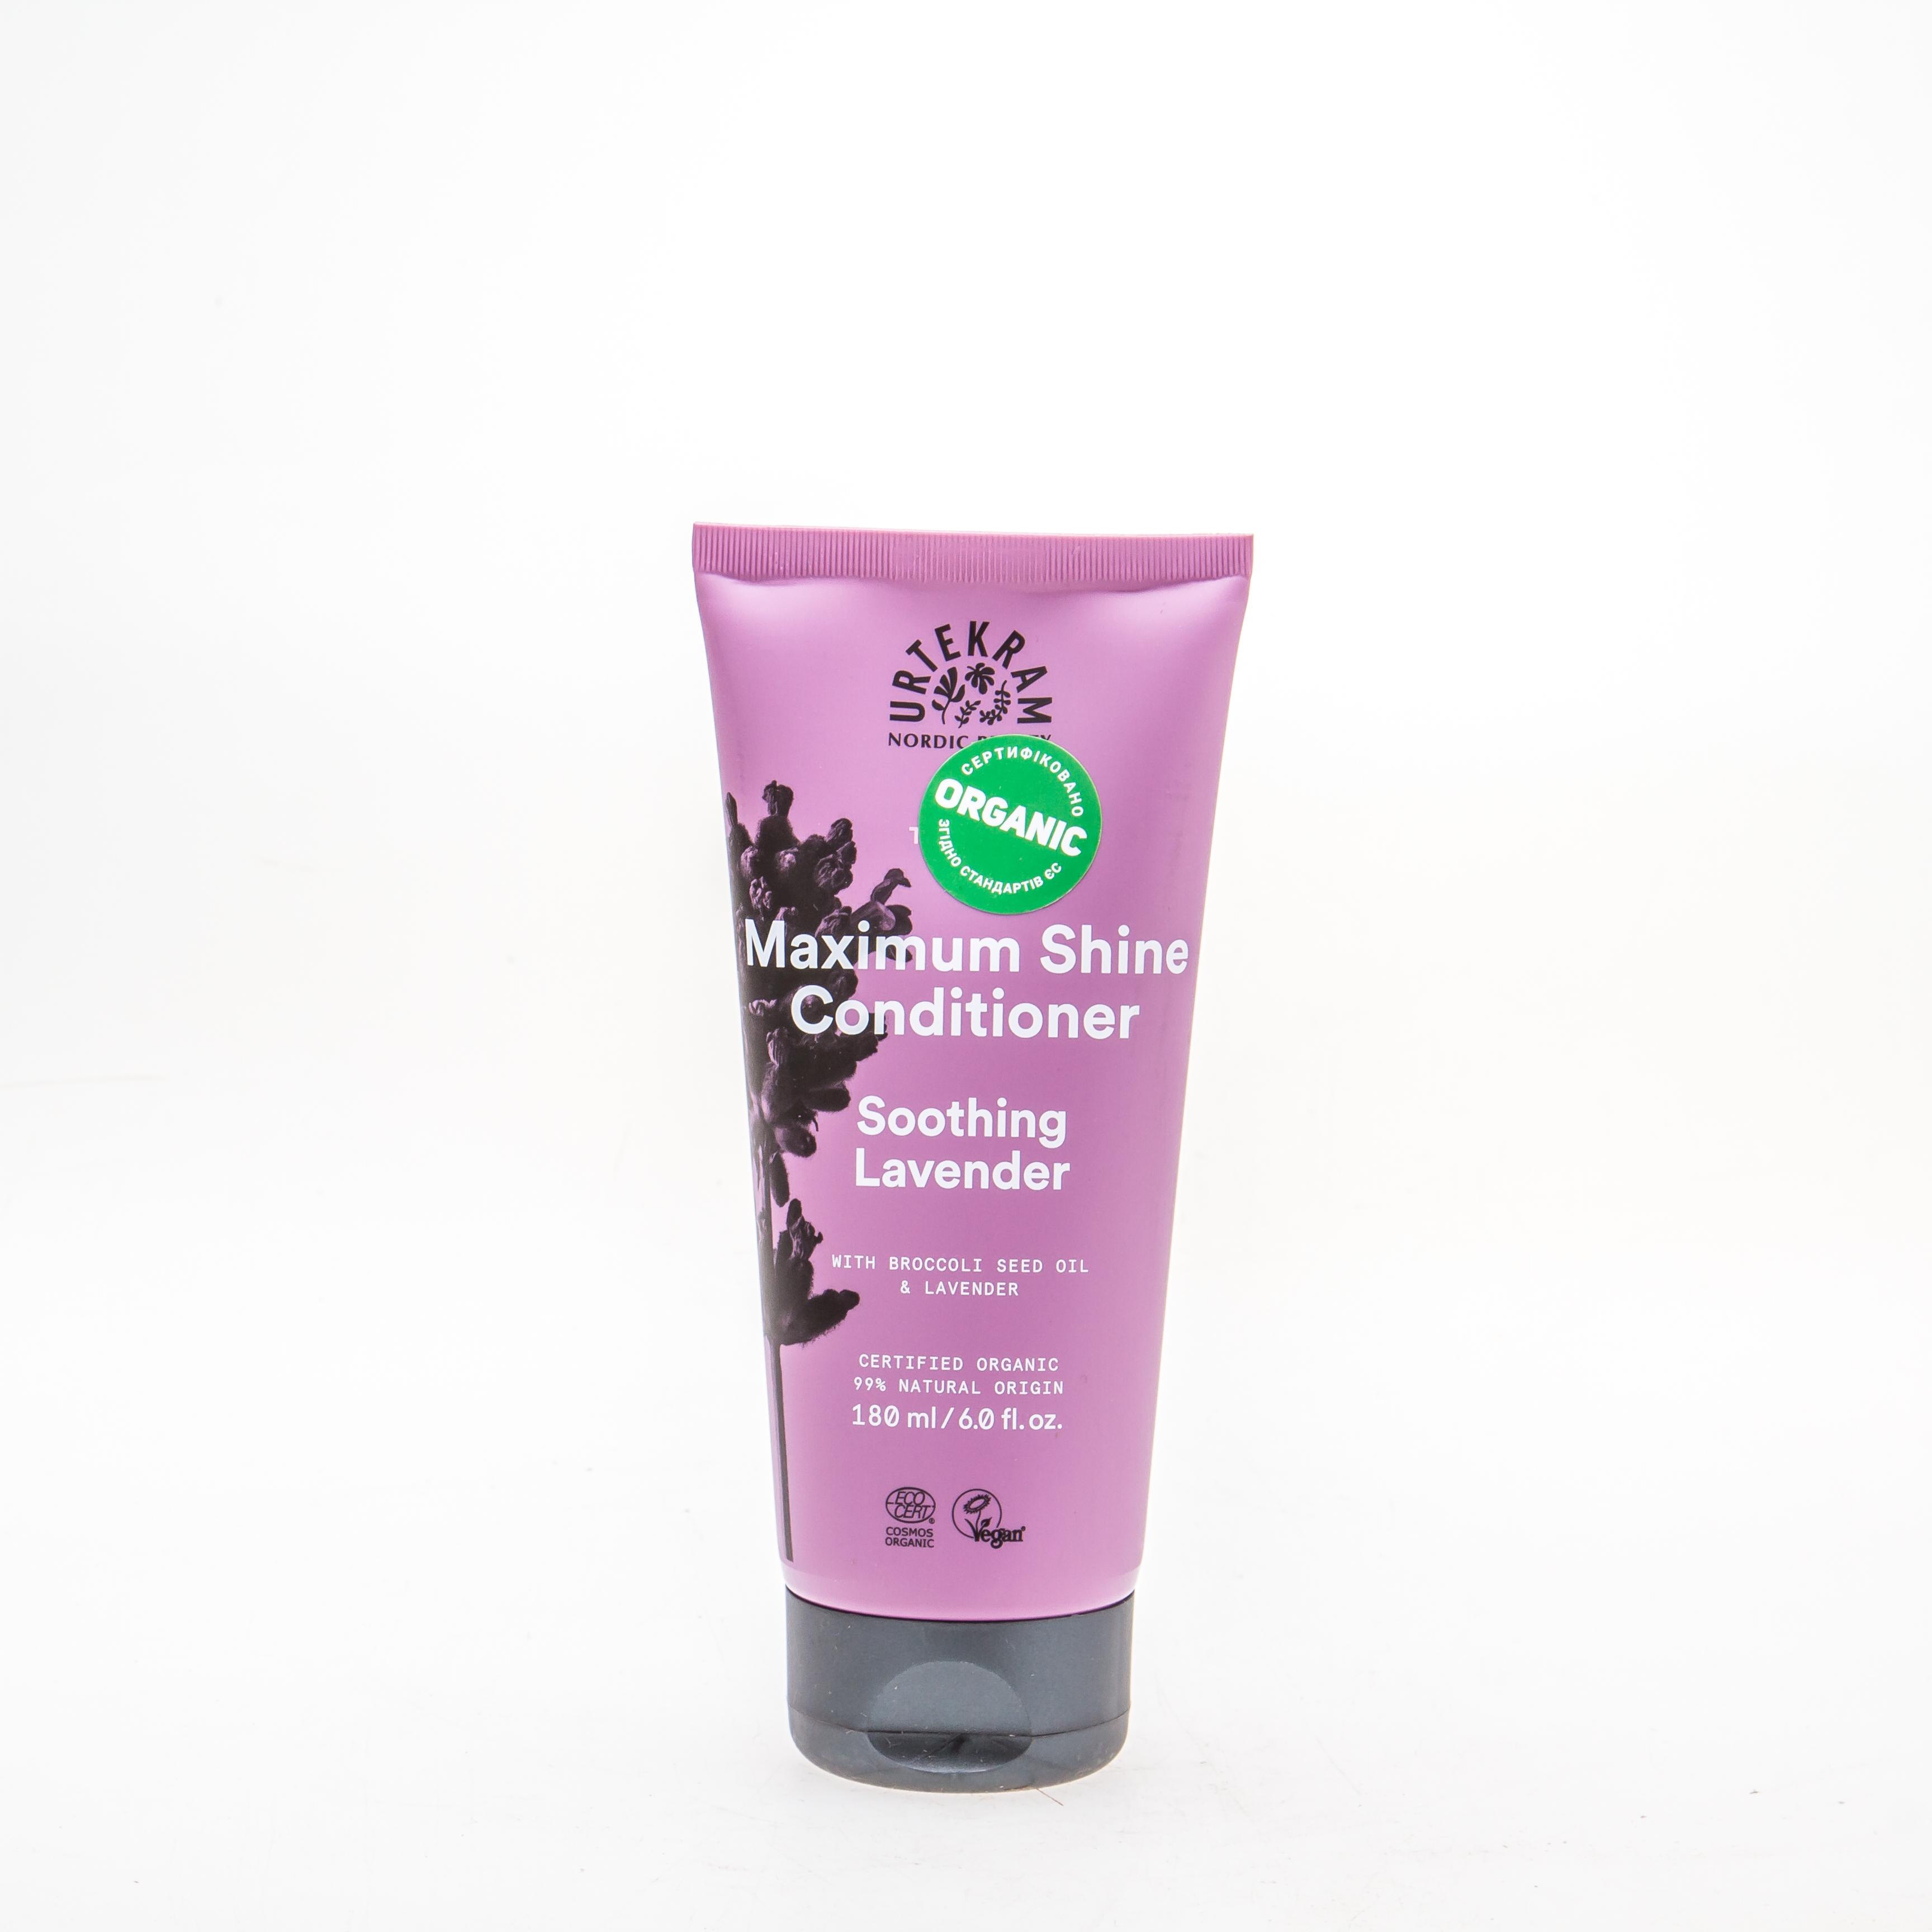 Urtekram Органічний кондиціонер для волосся  із заспокійливою лавандою,180мл - купить в интернет-магазине Юнимед